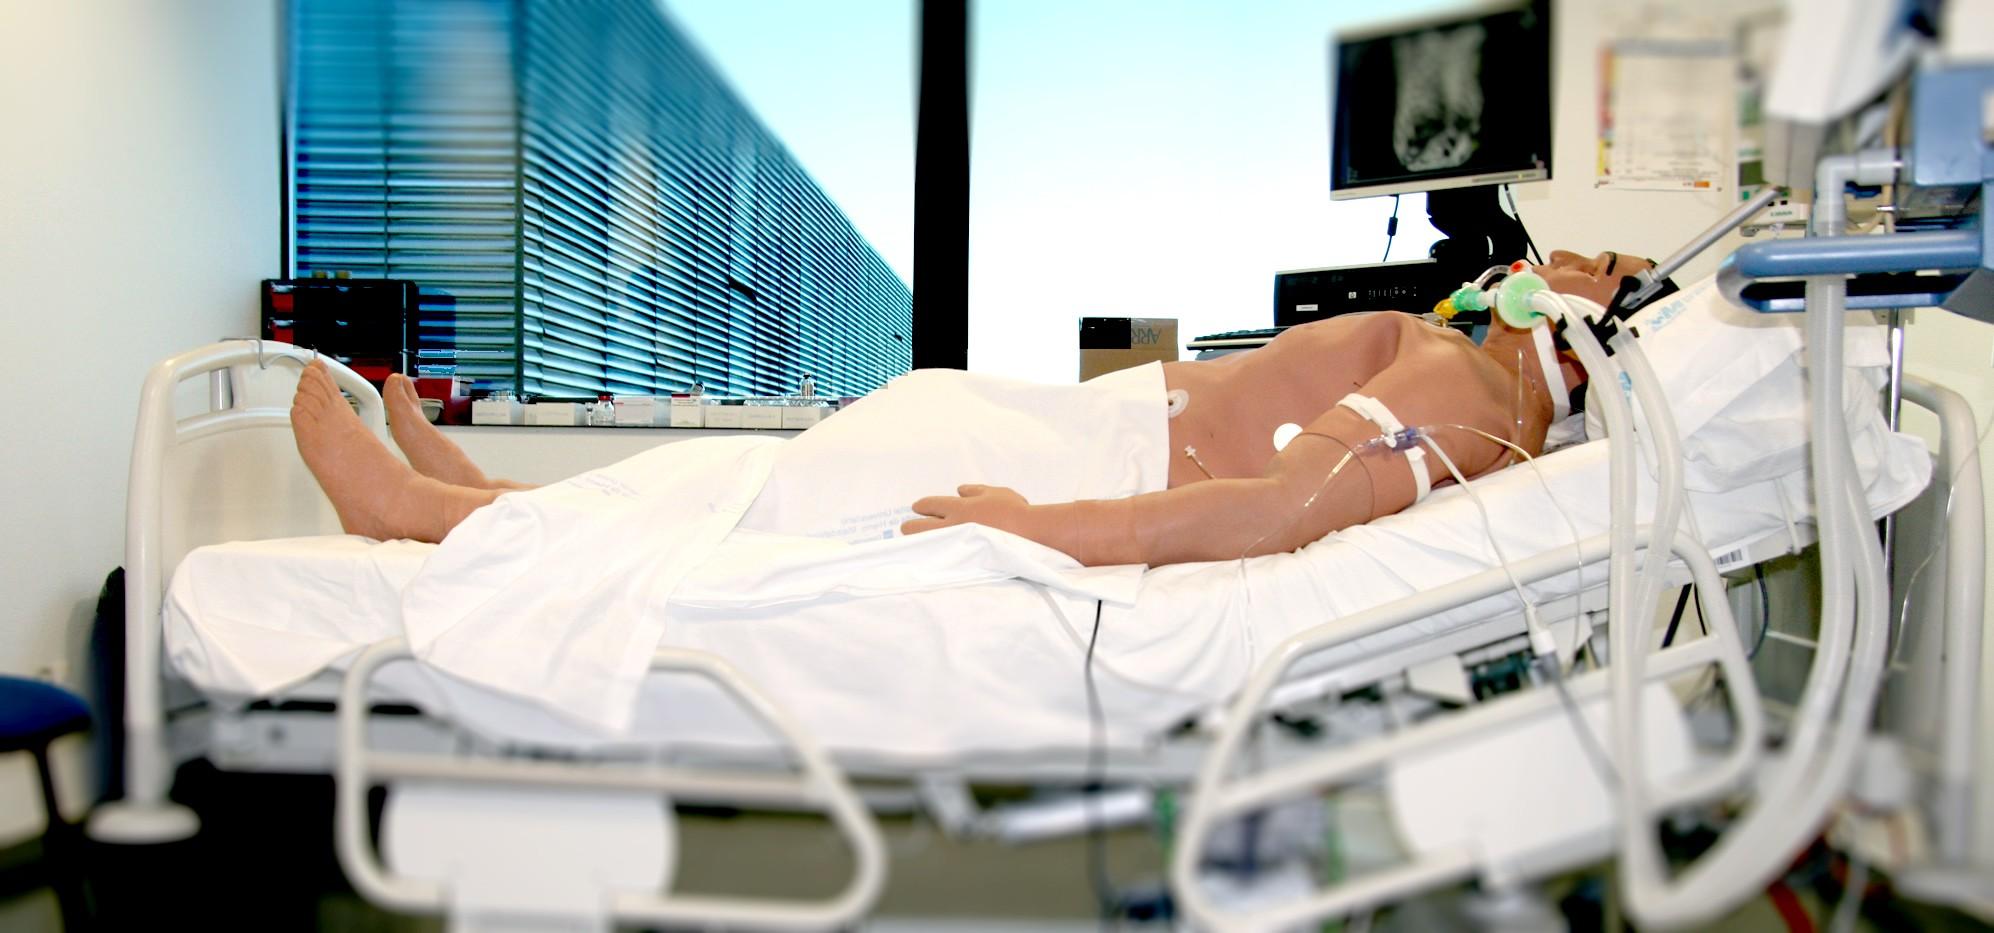 Maniquies de alta tecnología para la simulación clínica